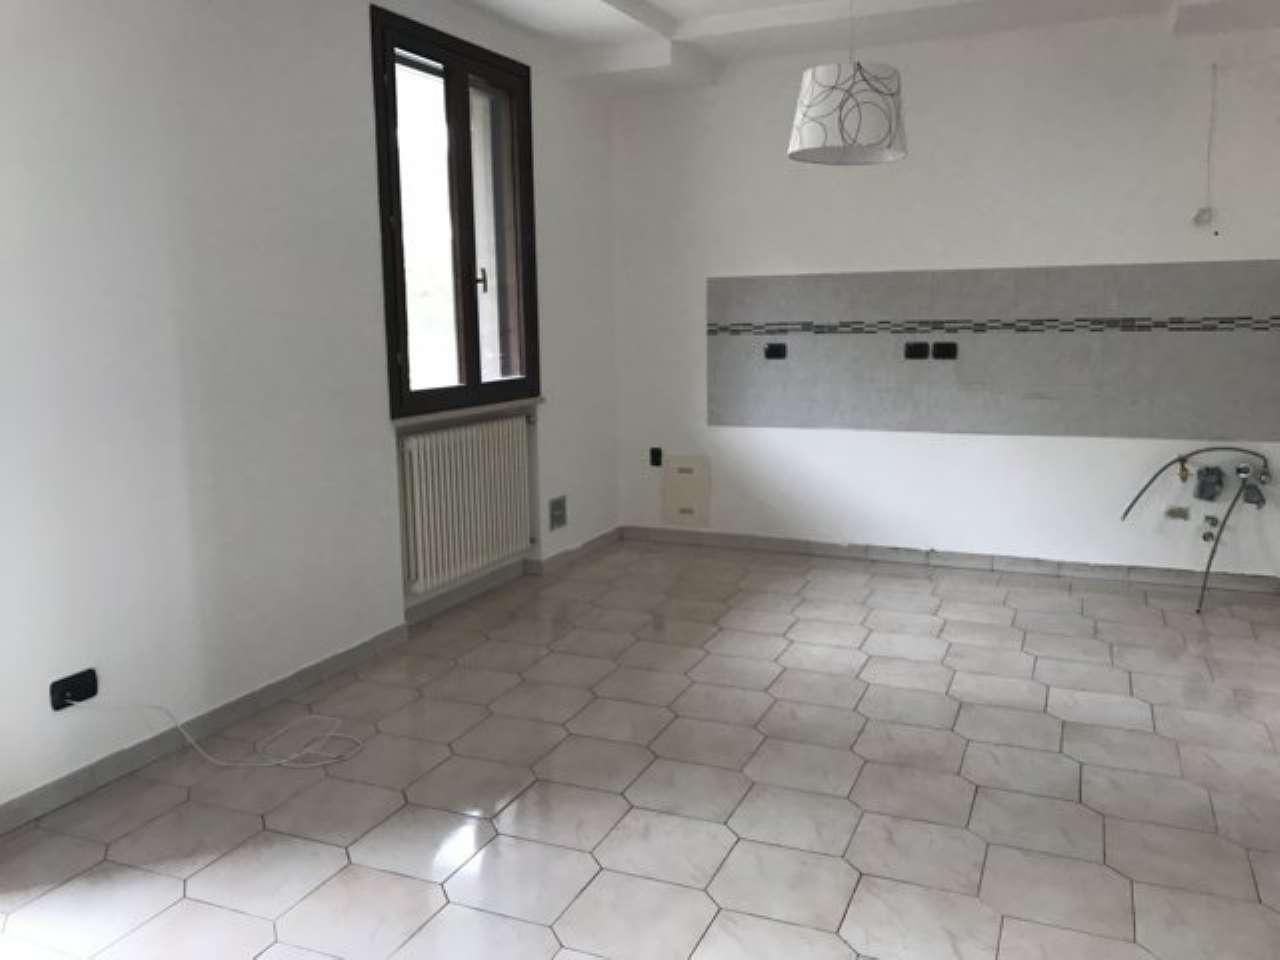 Appartamento in vendita a Bertinoro, 3 locali, prezzo € 132.000 | CambioCasa.it